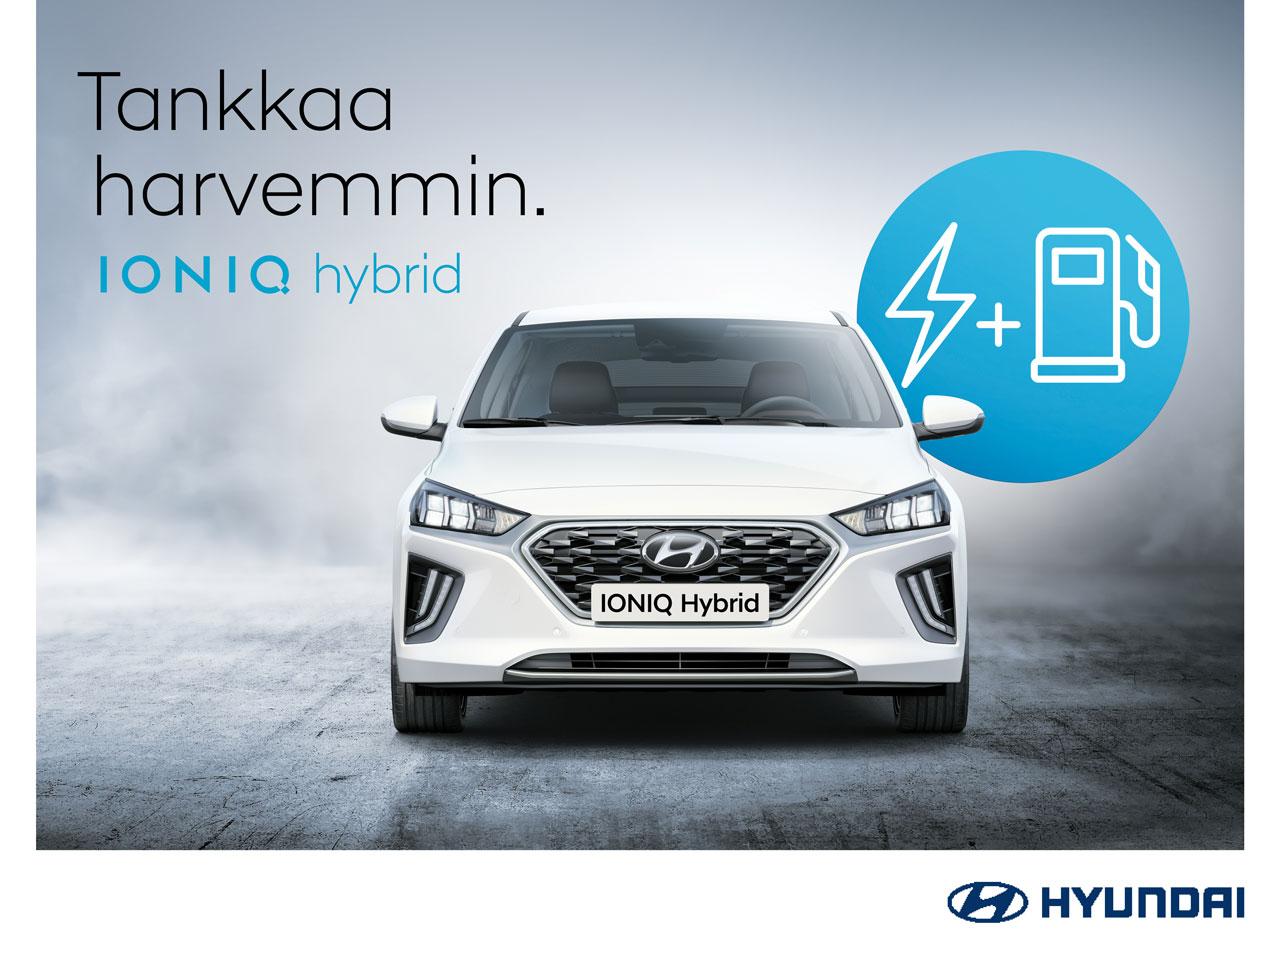 Erikoishinnoiteltu Hyundai Ioniq hybrid + talvirenkaat 499 €